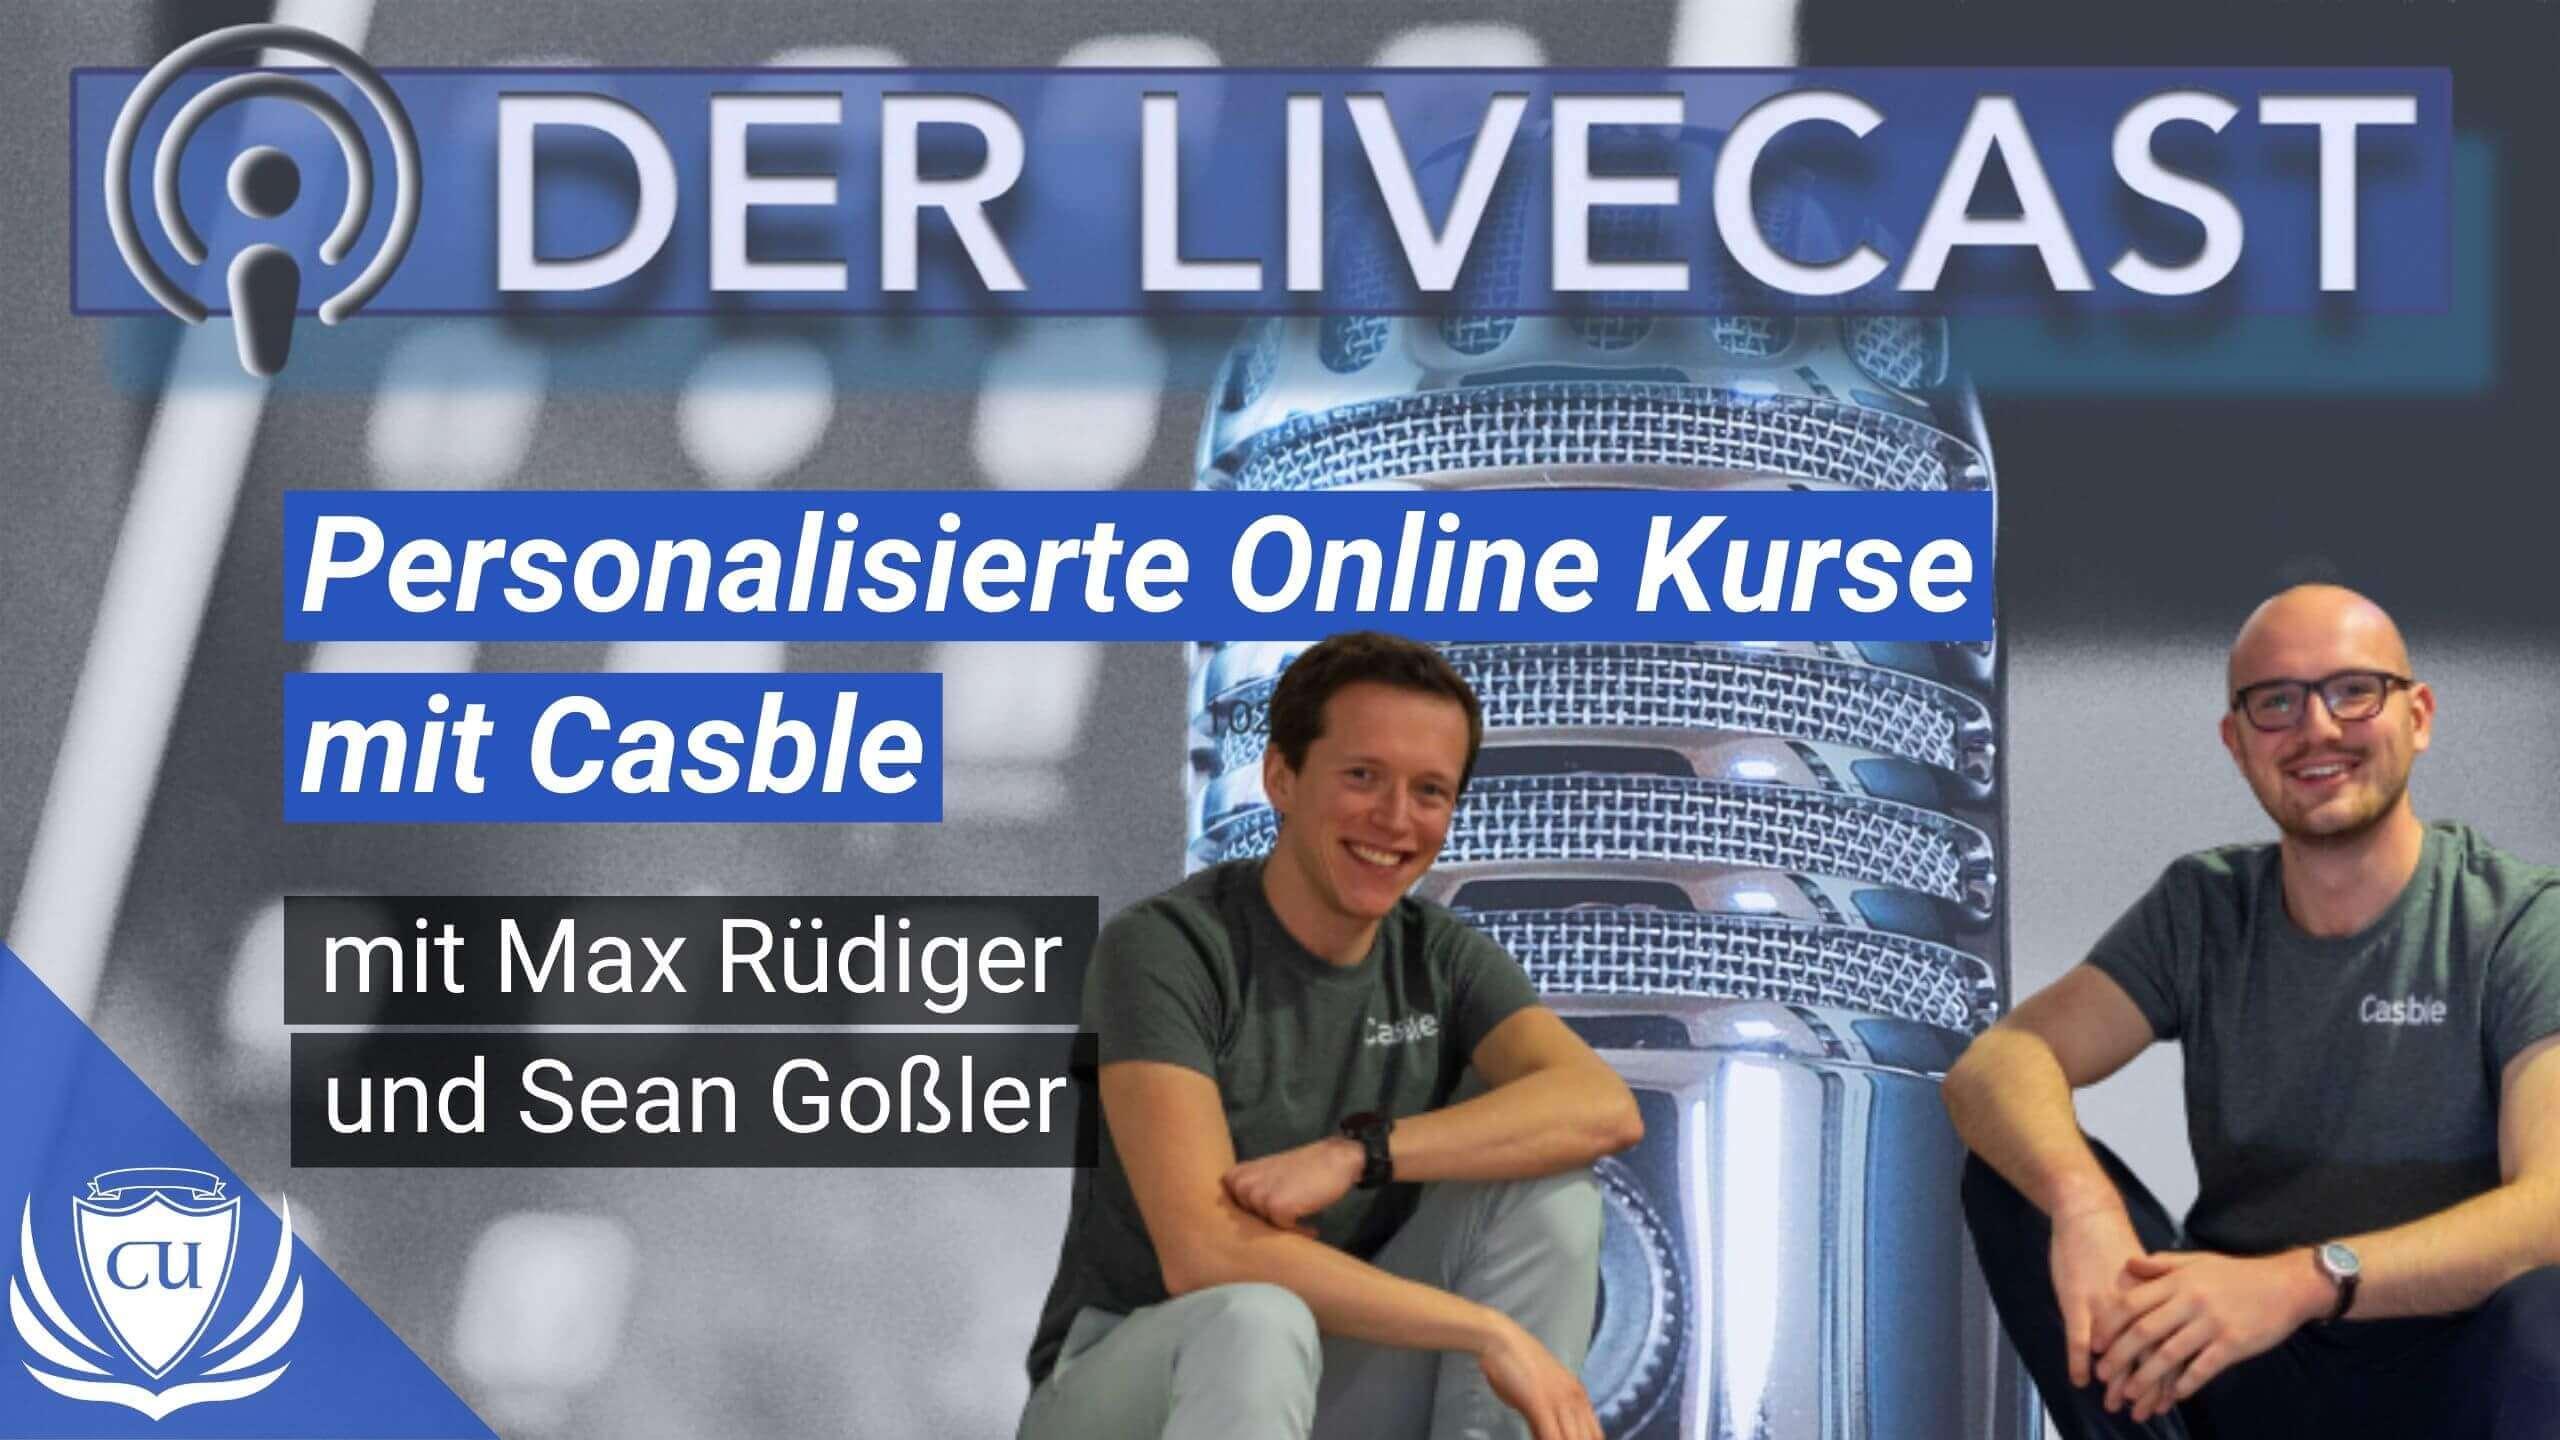 Kursplattform Casble mit personalisierten Online-Kursen von Sean Goßler und Max Rüdiger